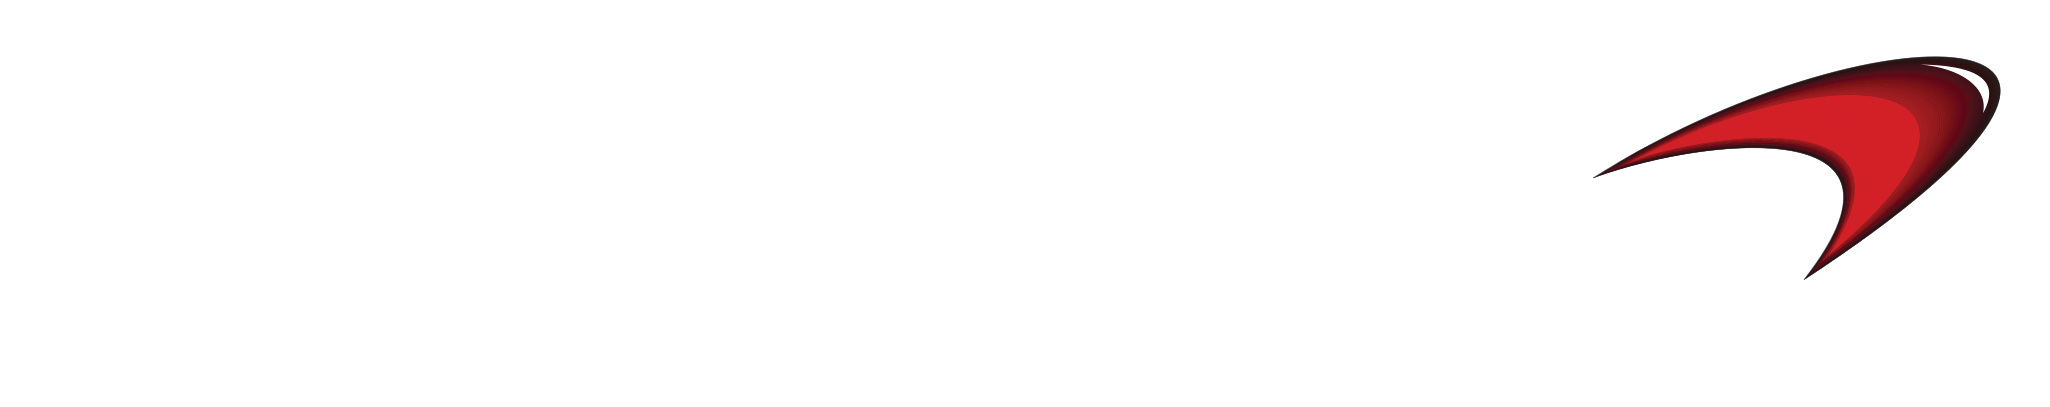 McLaren-logo-white.png